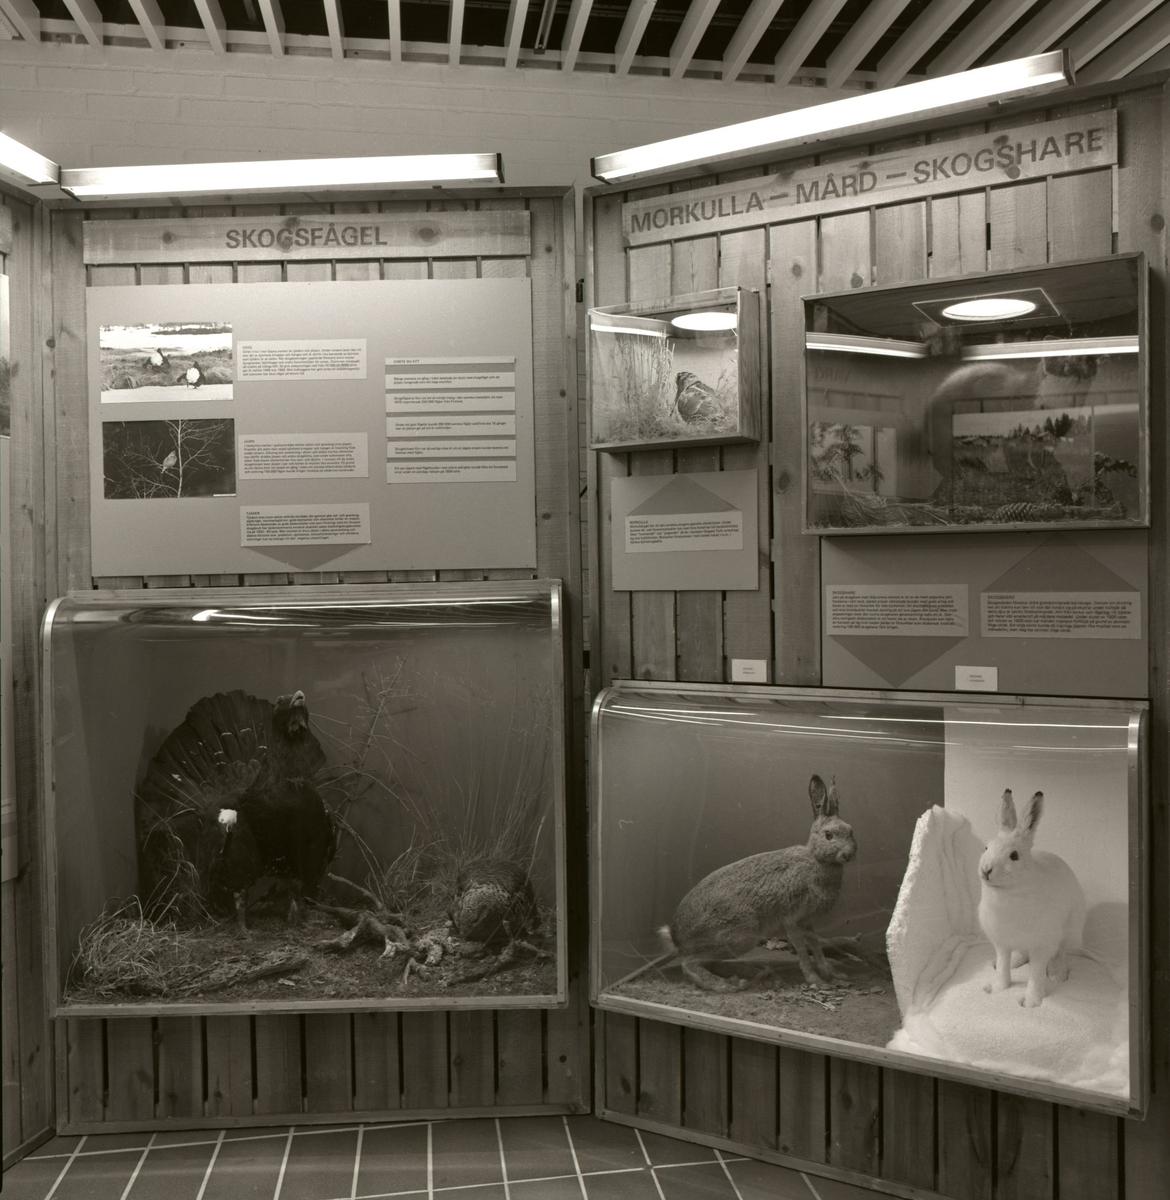 'Utställningen '' Viltet genom 150 år'' från Riksmuseet: ::  :: Utställningsskärmar med bilder och texter med rubriker ''Skogsfågel'' och ''Morkulla - Mård - Skogshare''. Monterad skogshare och tjäder. ::  :: Ingår i serie med fotonr. 5796:1-12.'